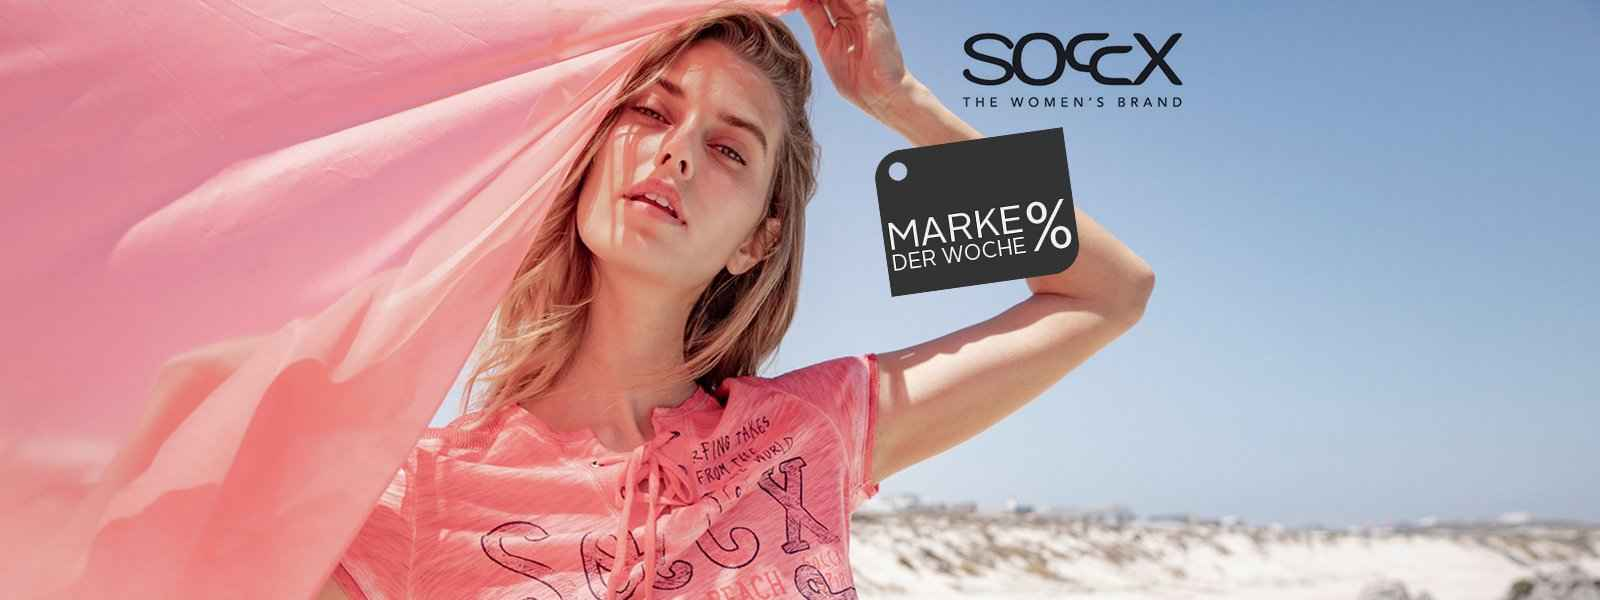 Marke der Woche: SOCCX